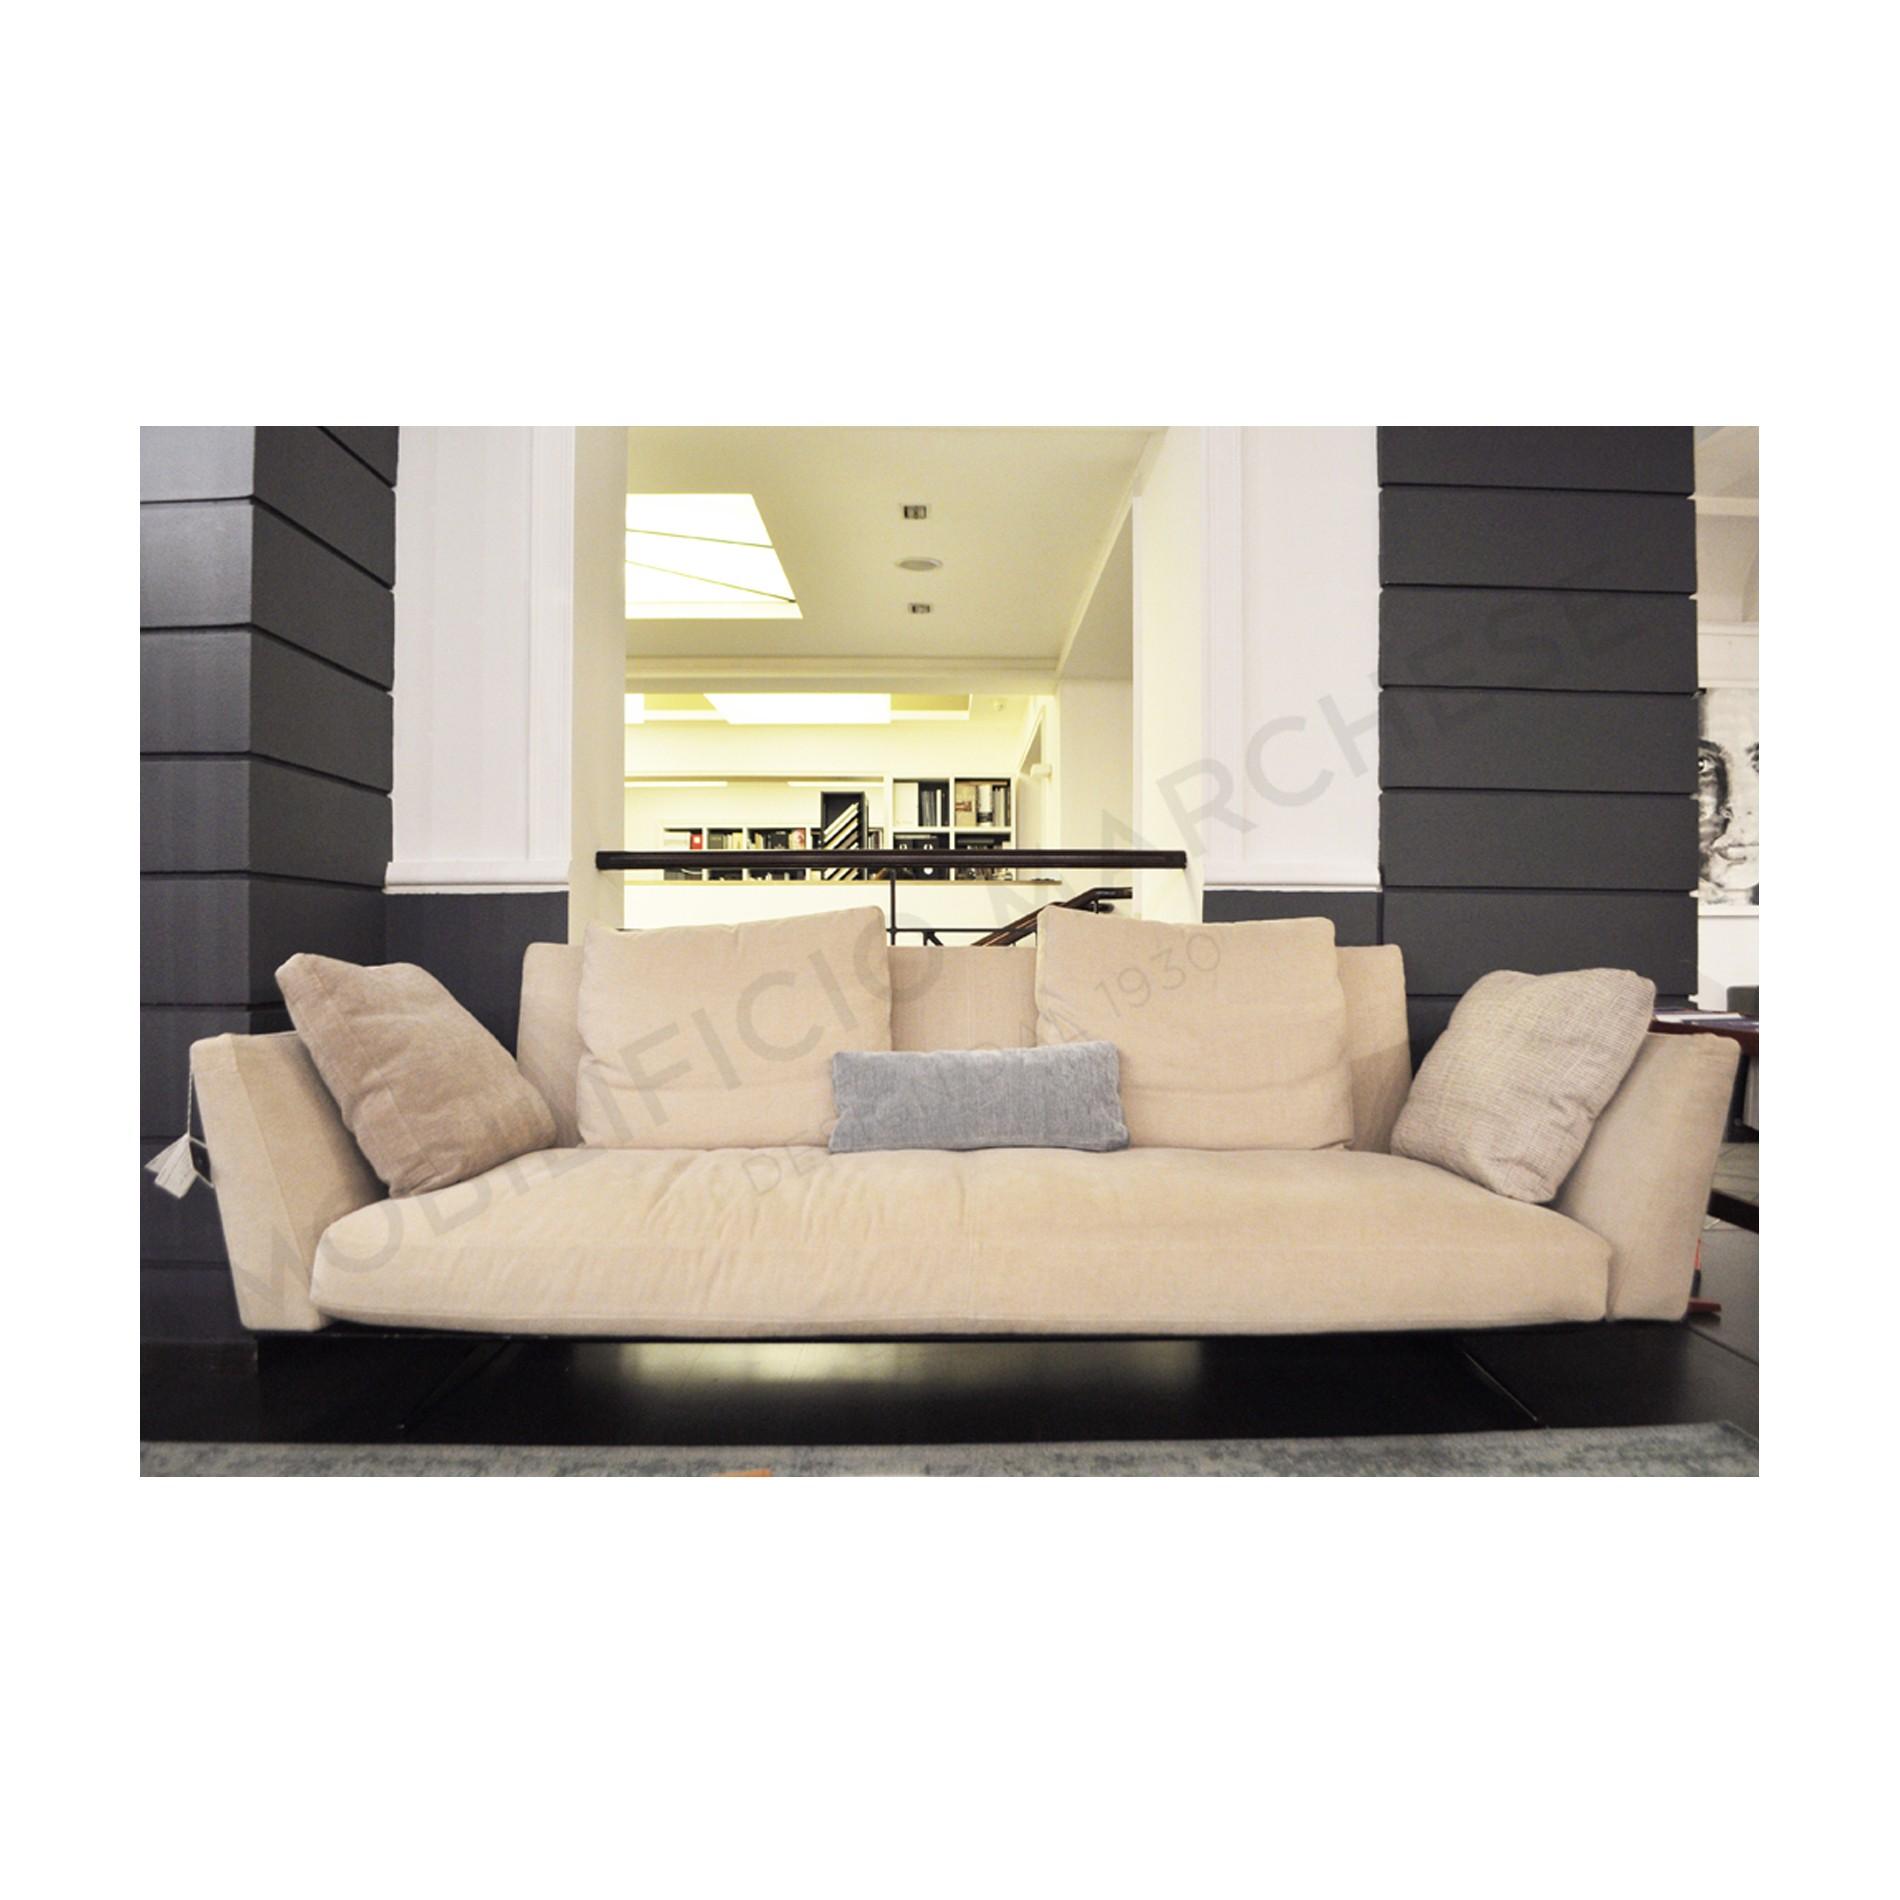 Evergreen sofa by Flexform Mobilificio Marchese